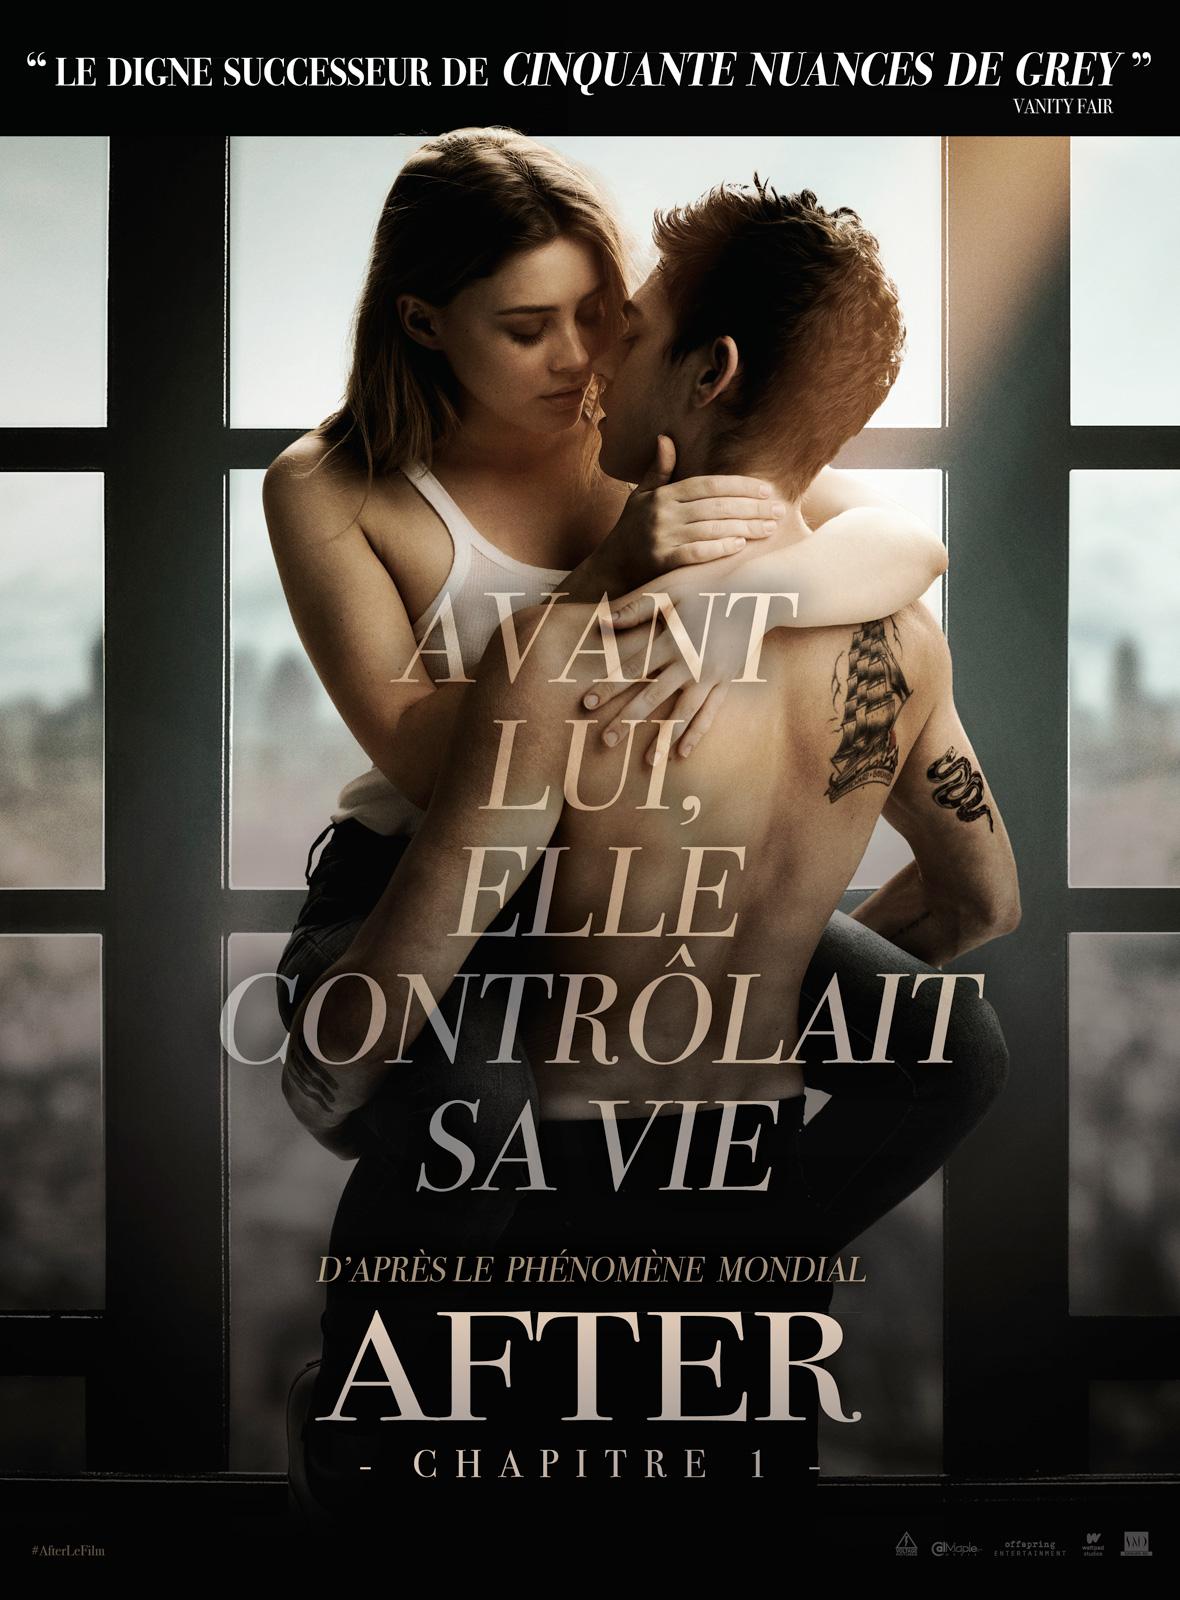 affiche du film After: Chapitre 1